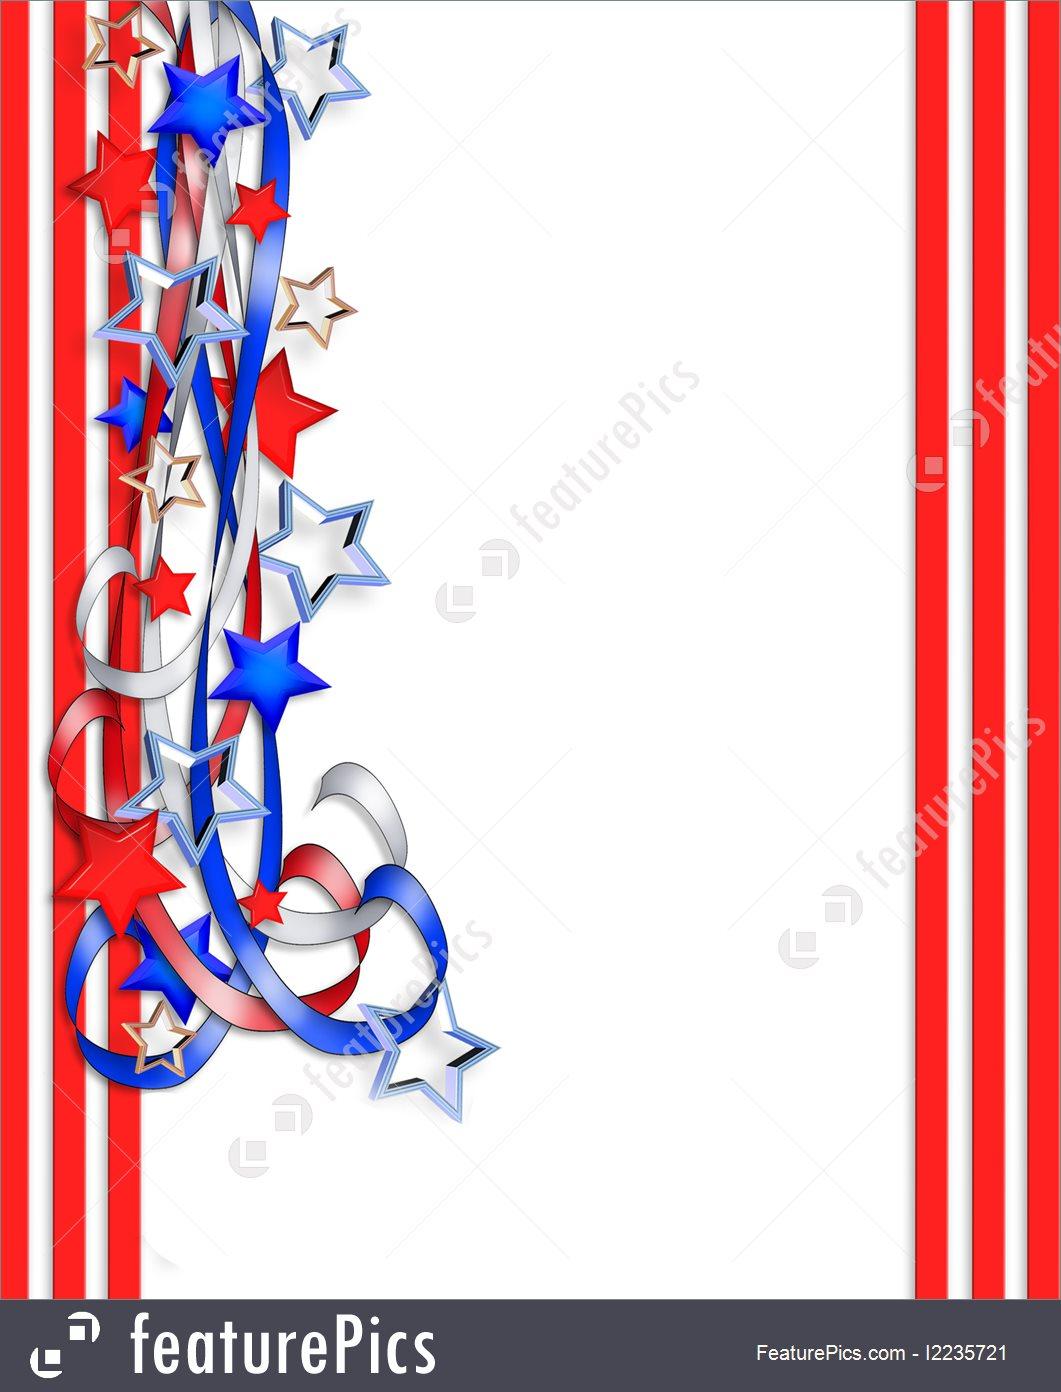 1061x1392 Illustration Of July 4 Patriotic Border